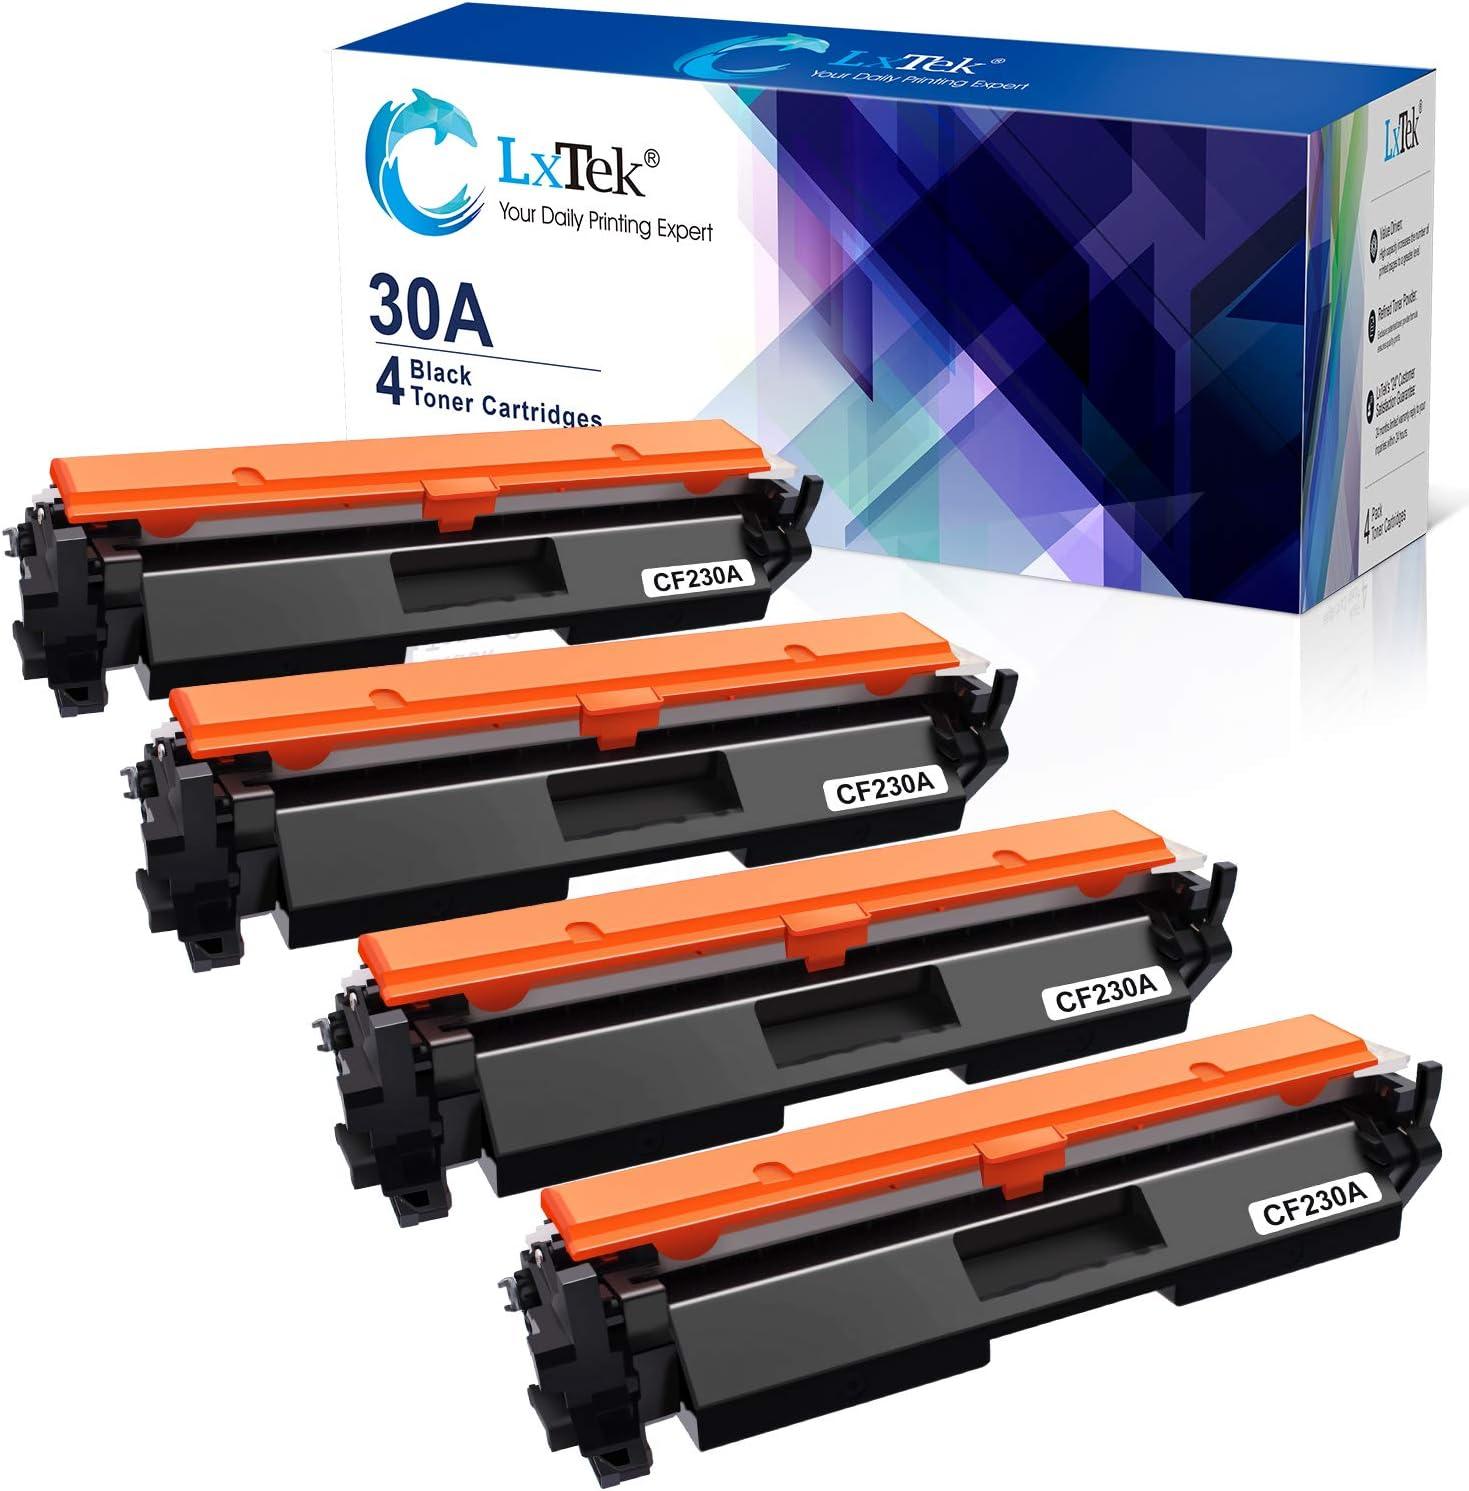 LxTek Compatible Toner Cartridge Replacement for HP 30A CF230A 30X CF230X to use with Laserjet Pro MFP M203dw M227fdw M227fdn M203d M203dn M227sdn M227 M203Printer (Black, 4-Pack)